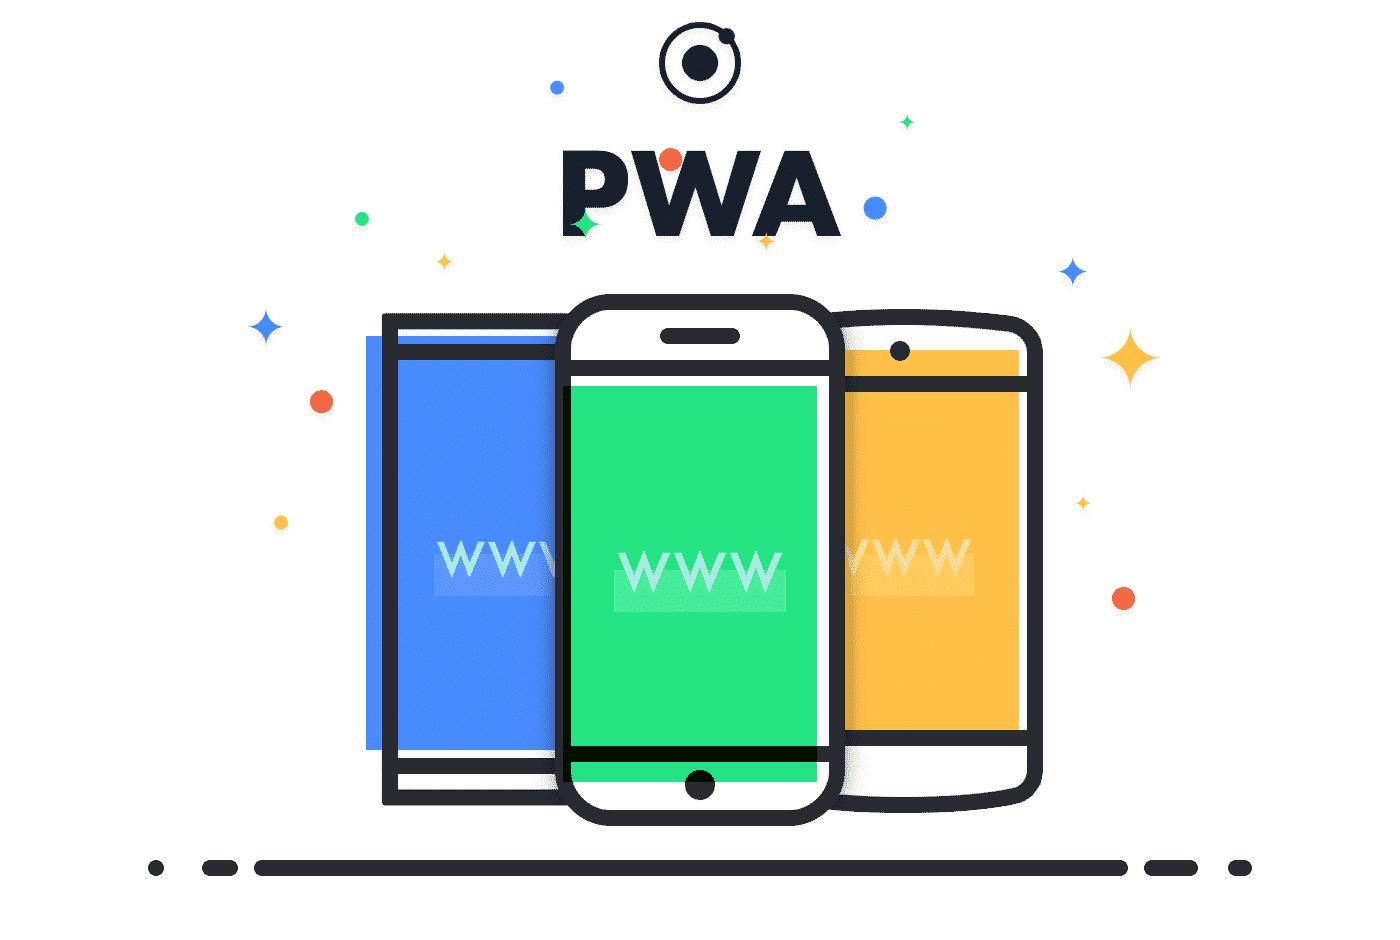 progressive web app progressive web app - web - Progressive Web App cosa sono?